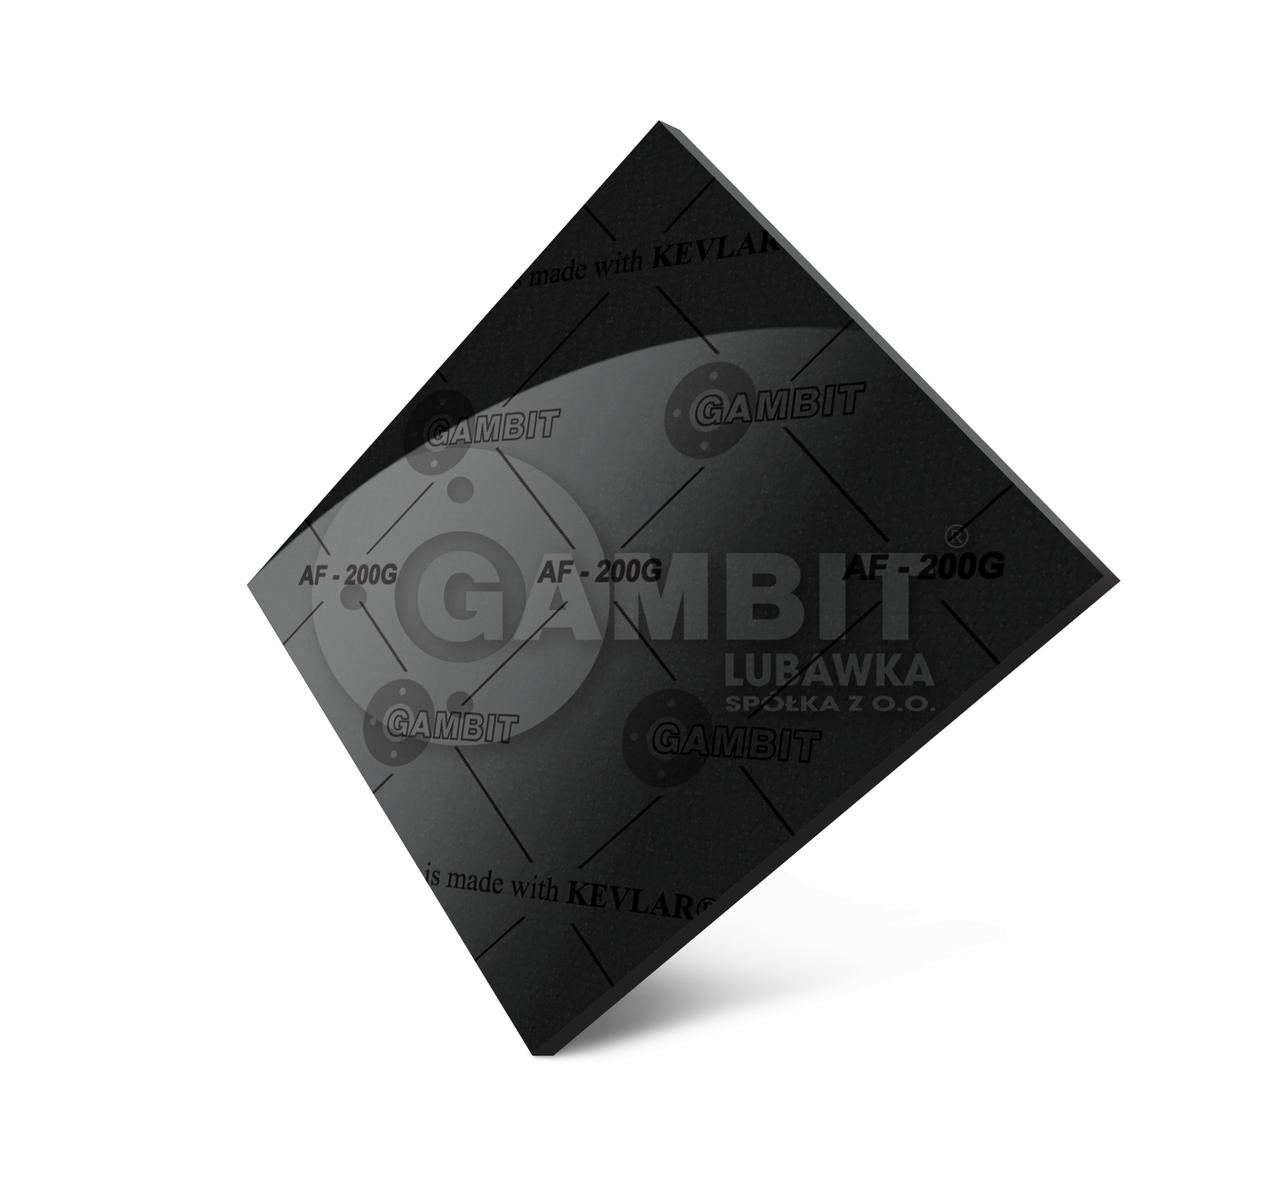 Пароніт безазбестовий Gambit AF-200G (аналог - пароніт ПМБ)